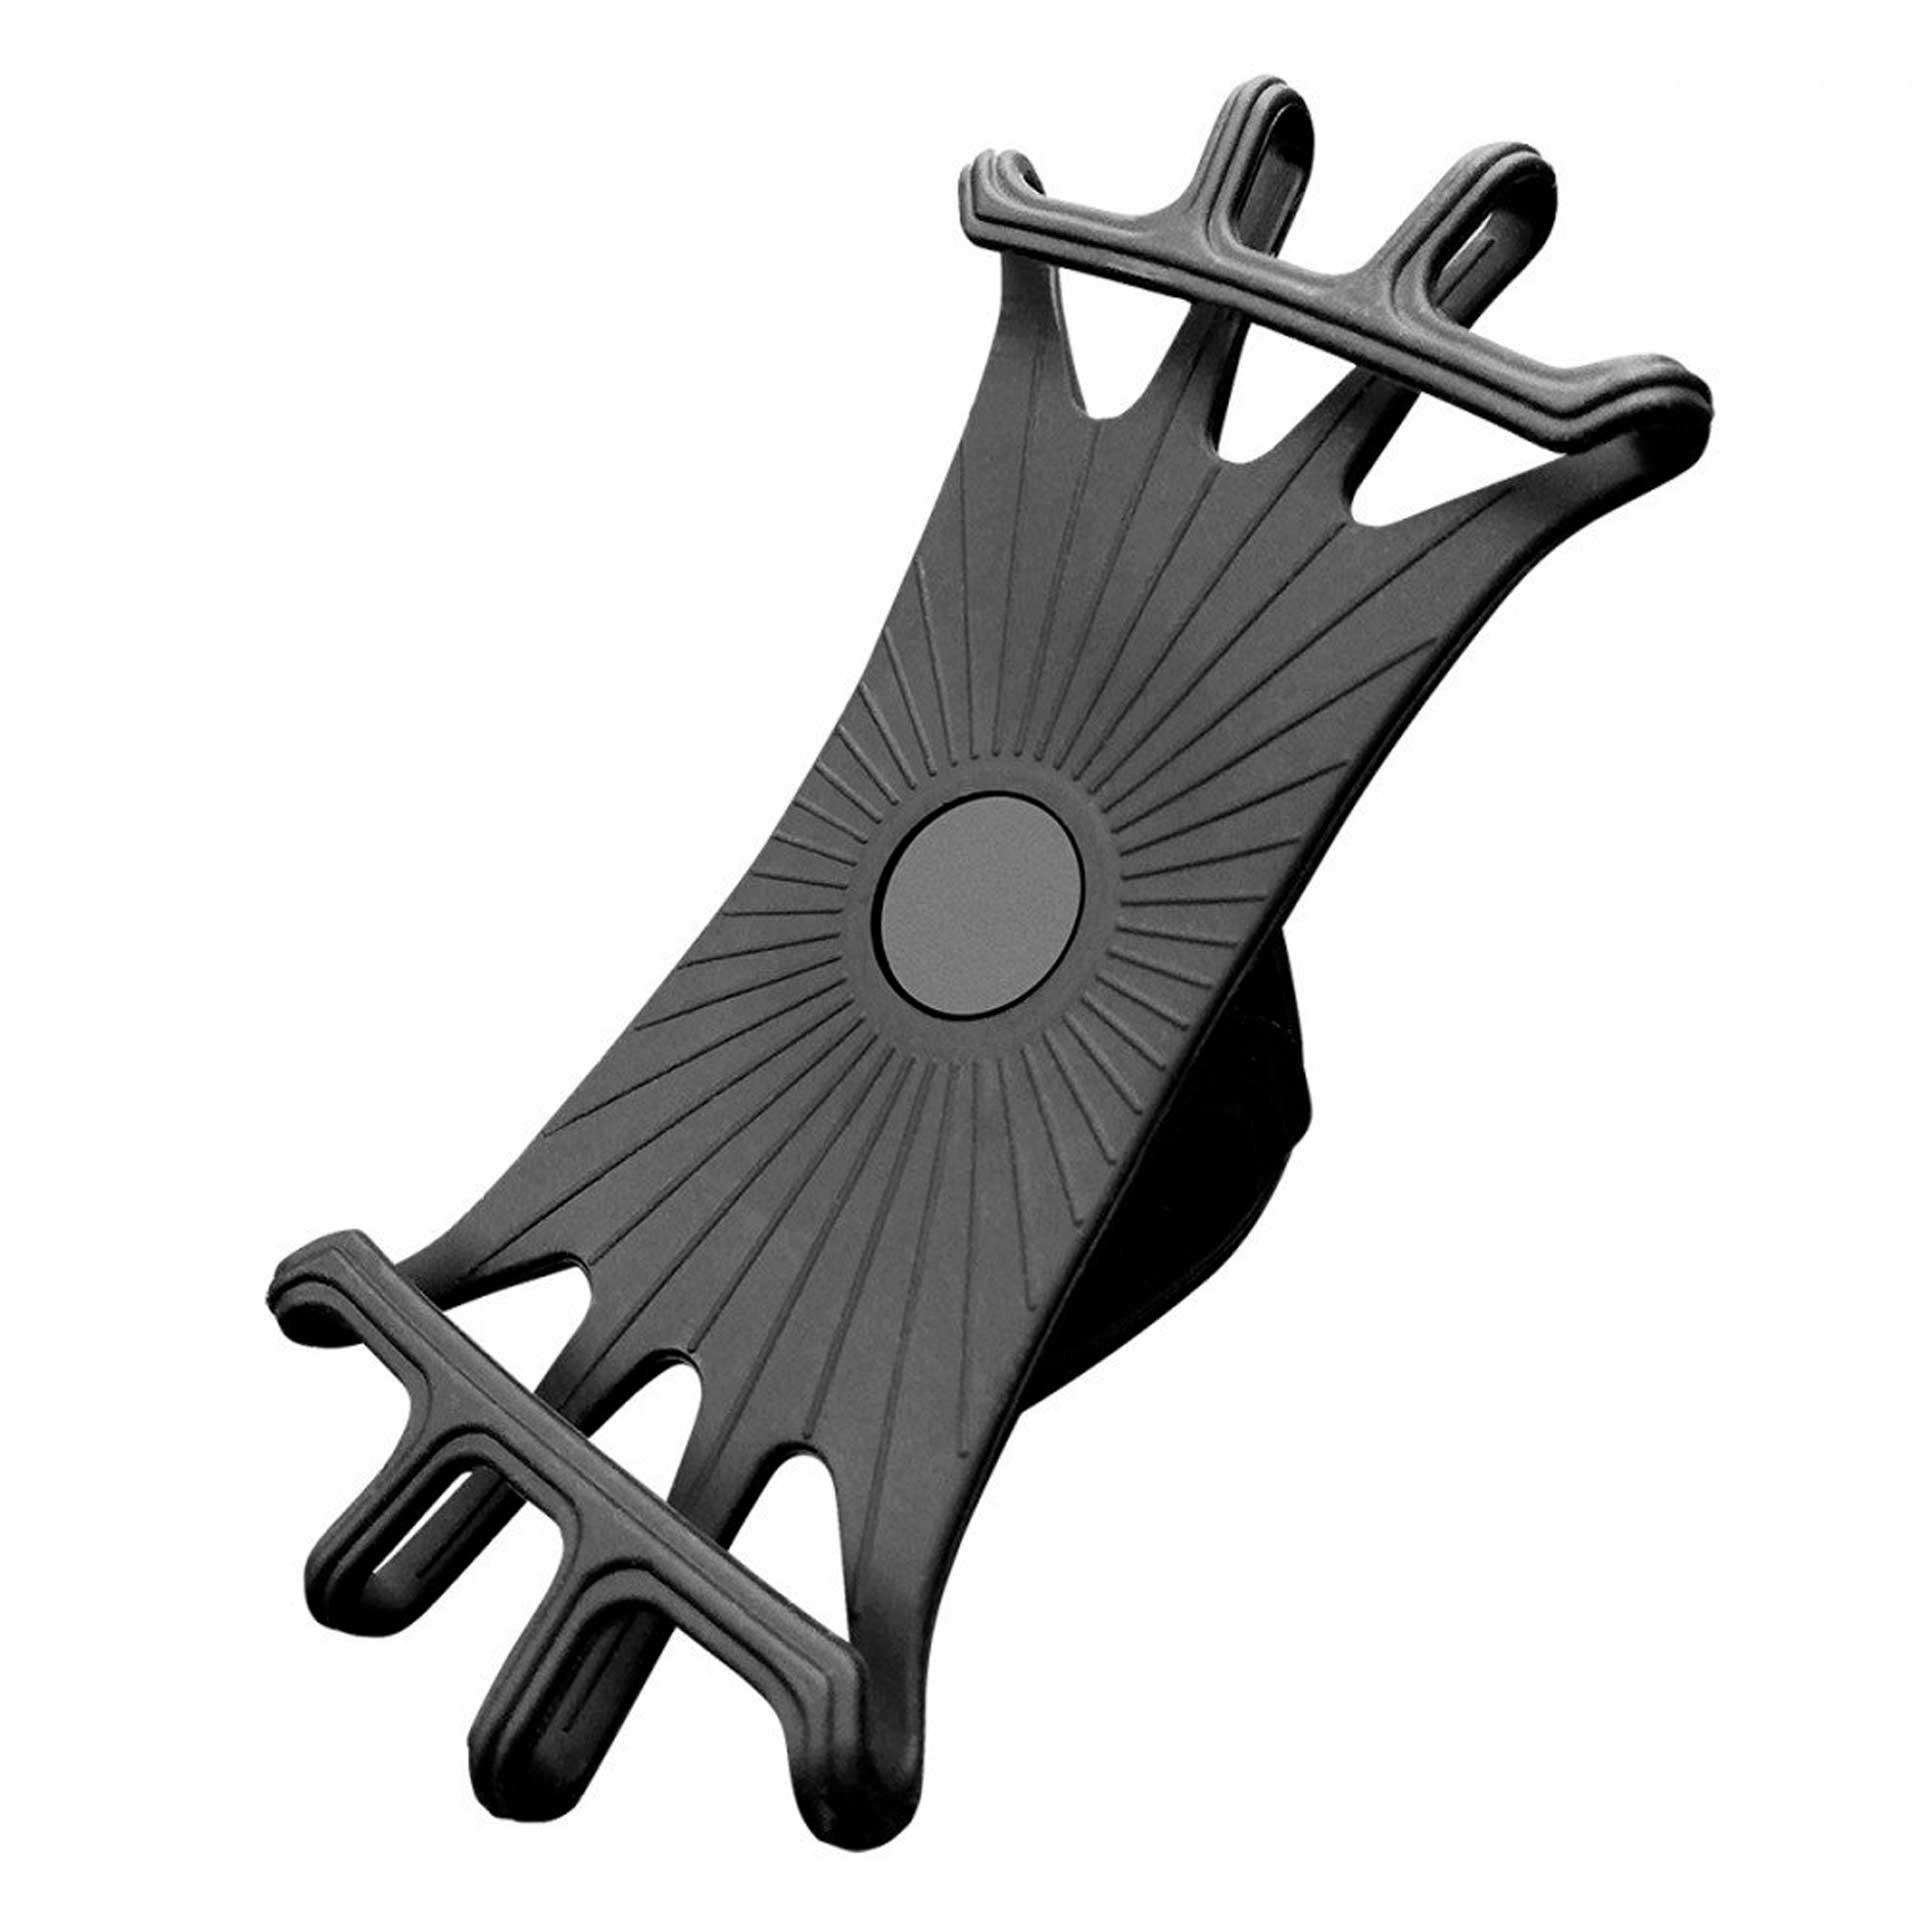 Universal Handy-Halterung Smartphone Halterungs-Set Fahrrad & Armband 360° drehbar